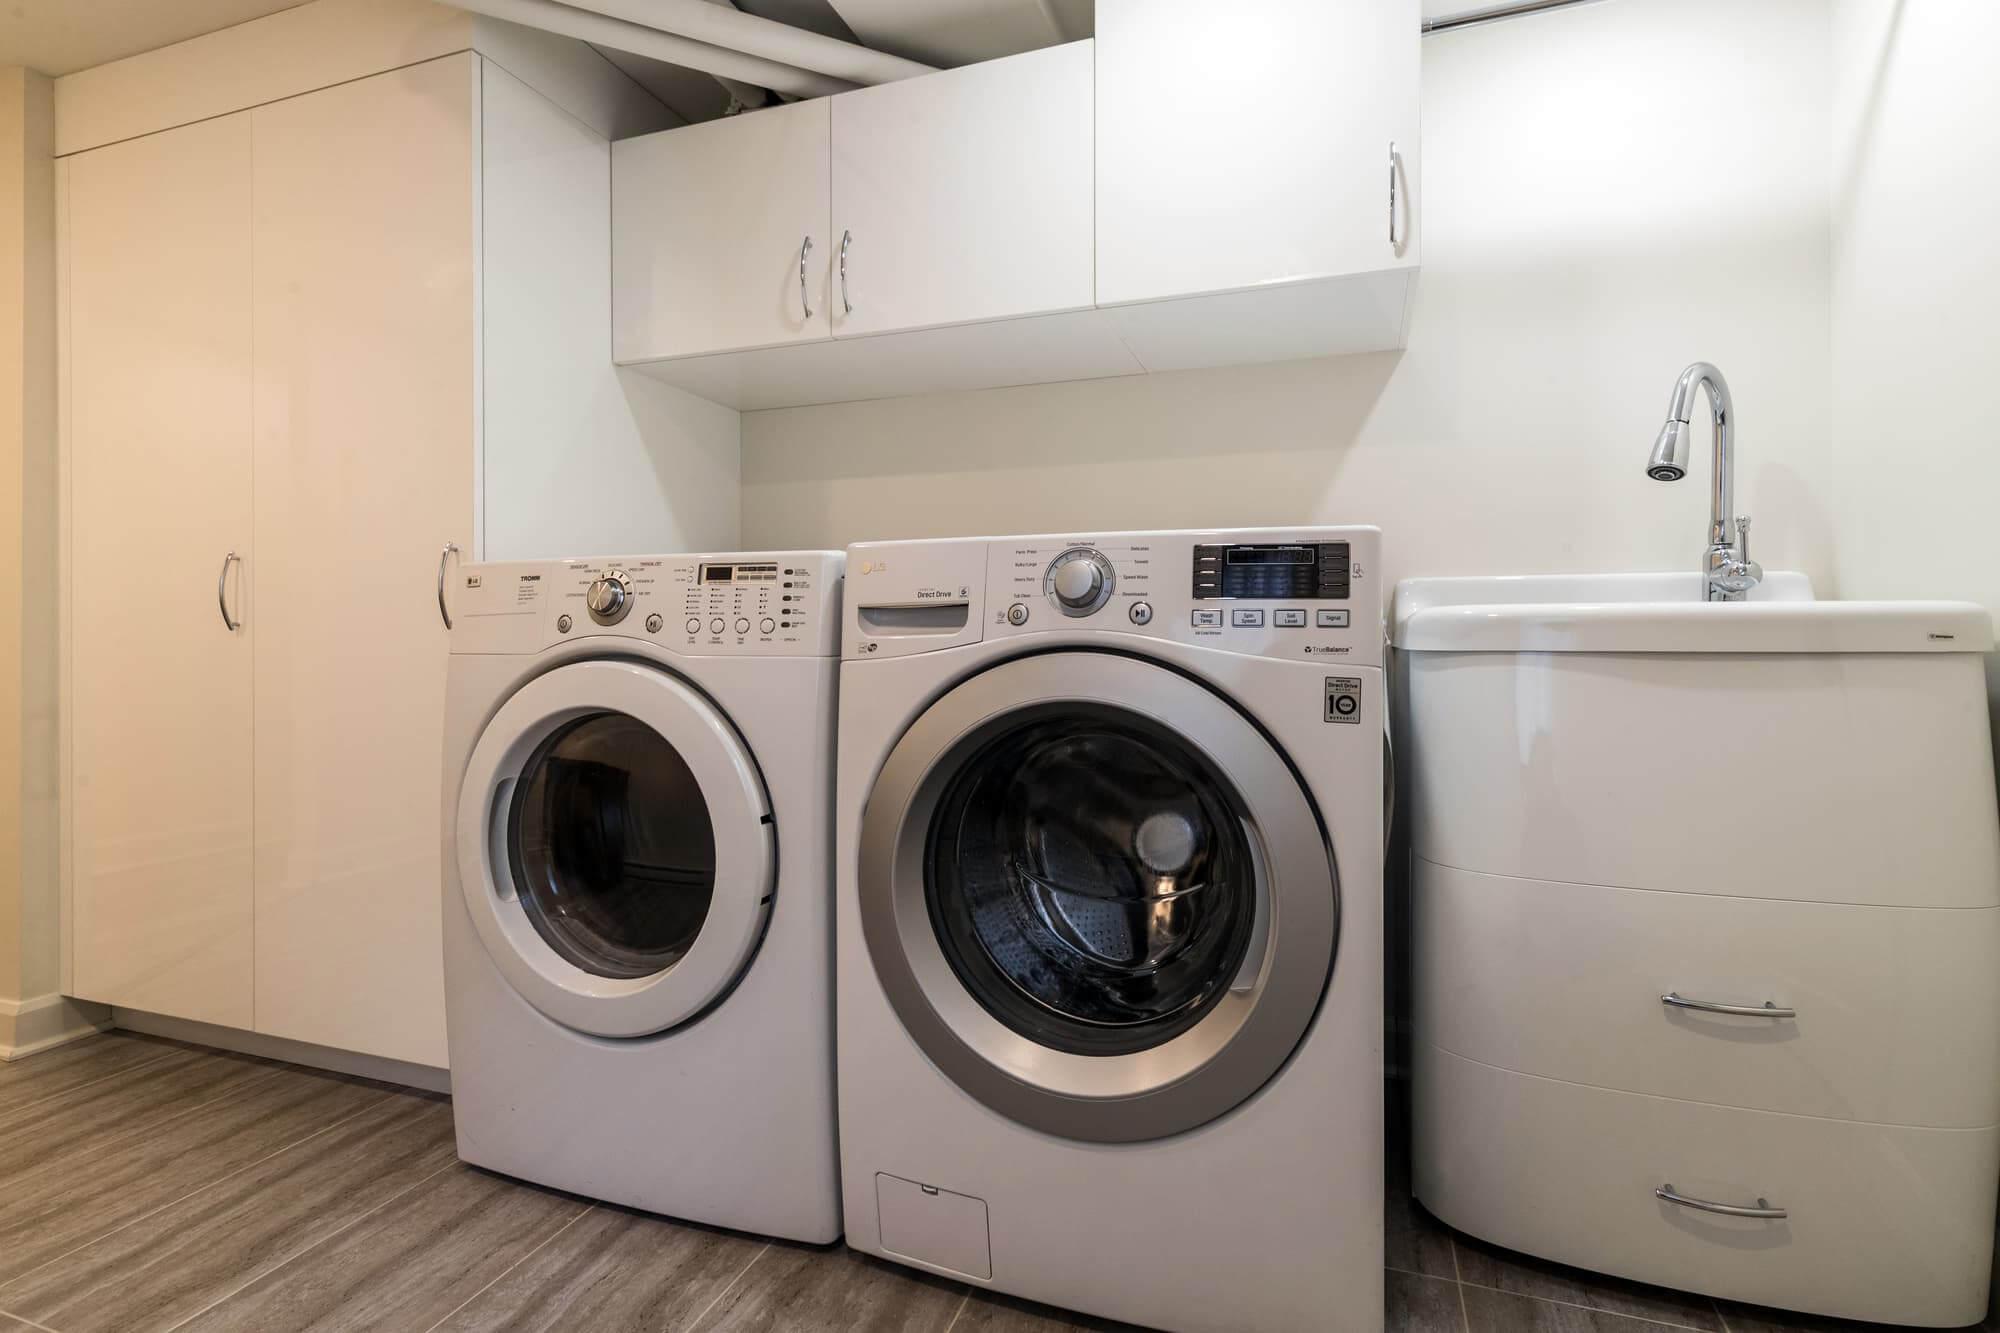 Salle de lavage d'un sous-sol rénové avec laveuse-sécheuse frontales et lavabo blanc